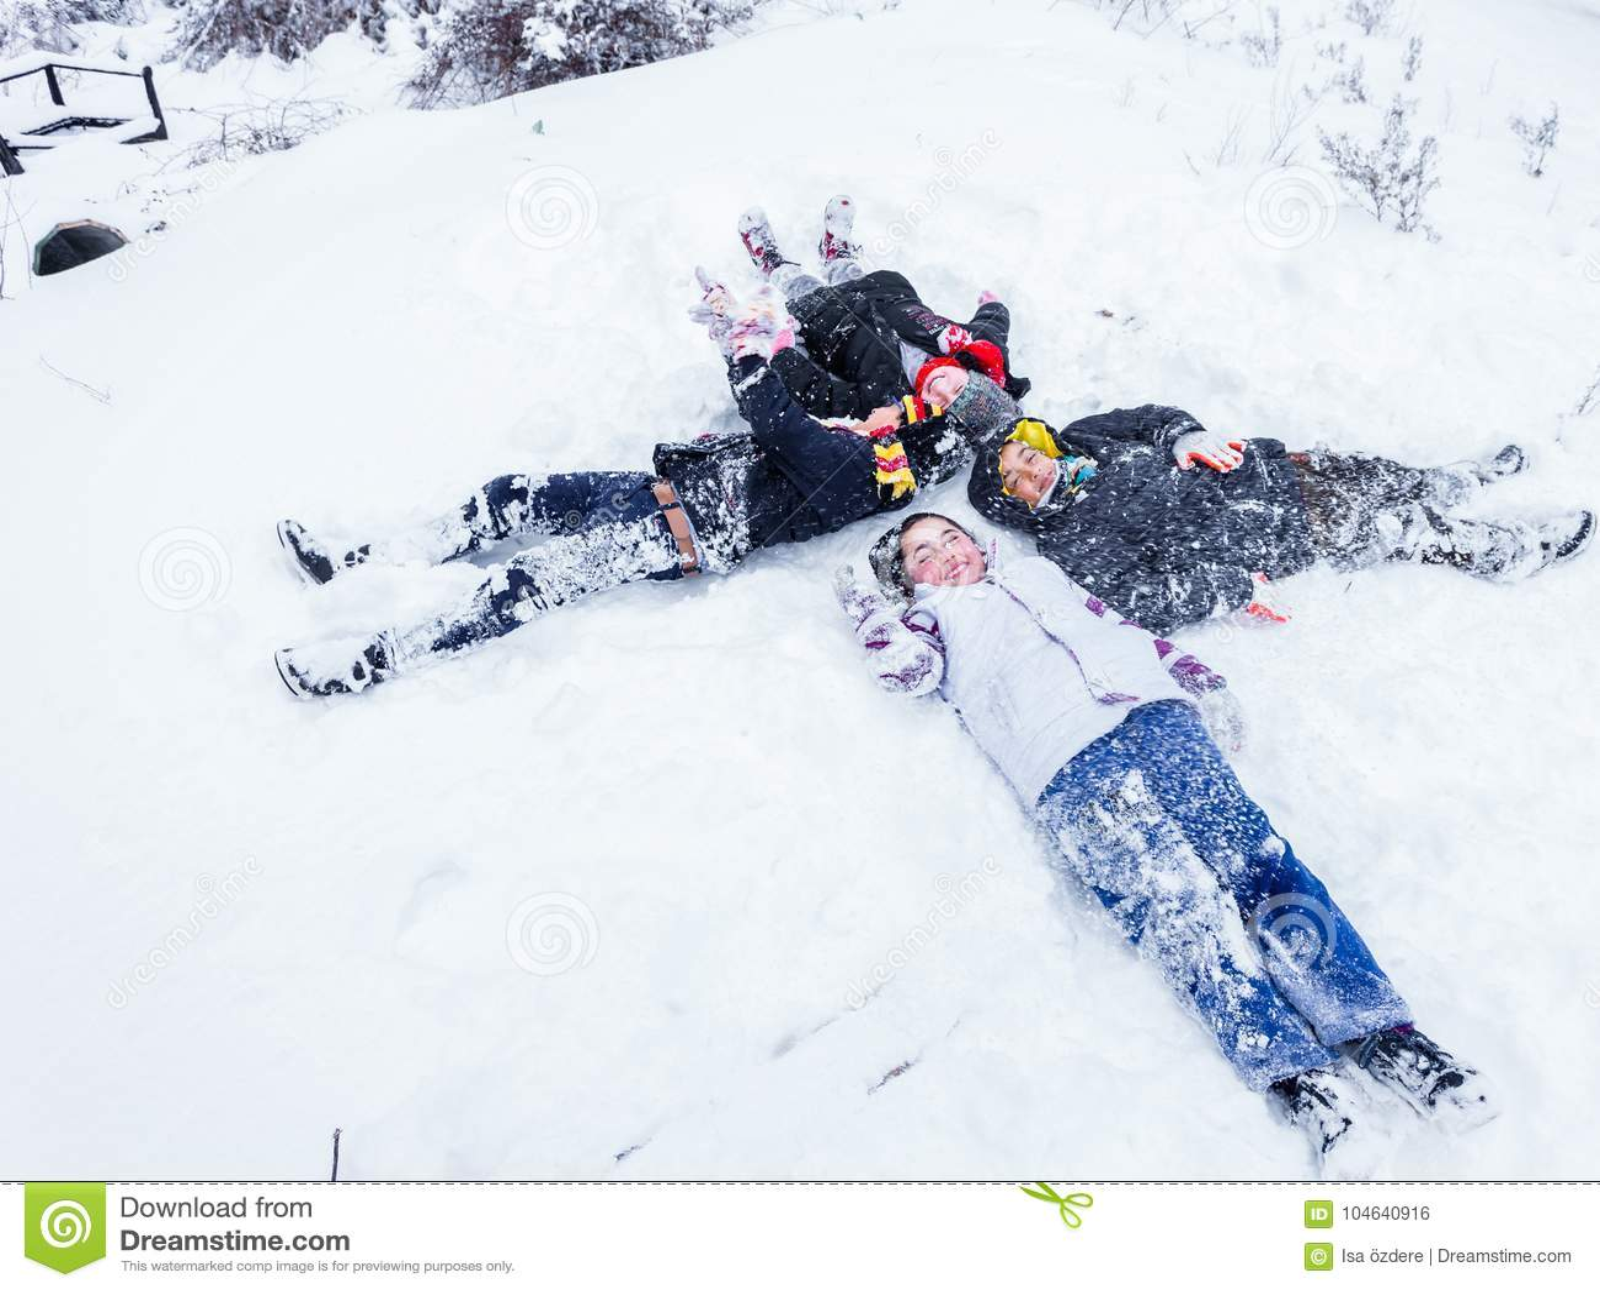 Download De Kinderen Glijden Op Sneeuw In Oude Schoolstijl Met Hardhout Redactionele Foto - Afbeelding bestaande uit hemel, slee: 104640916